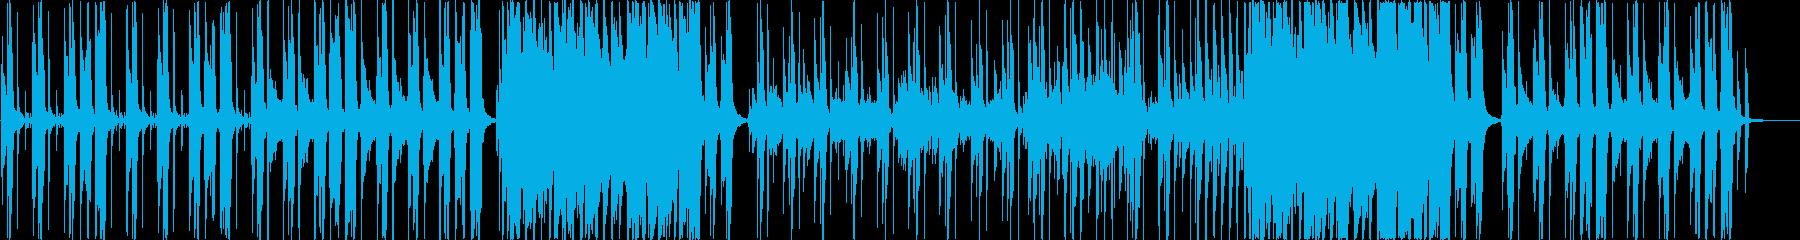 スローテンポなギターサウンドの再生済みの波形